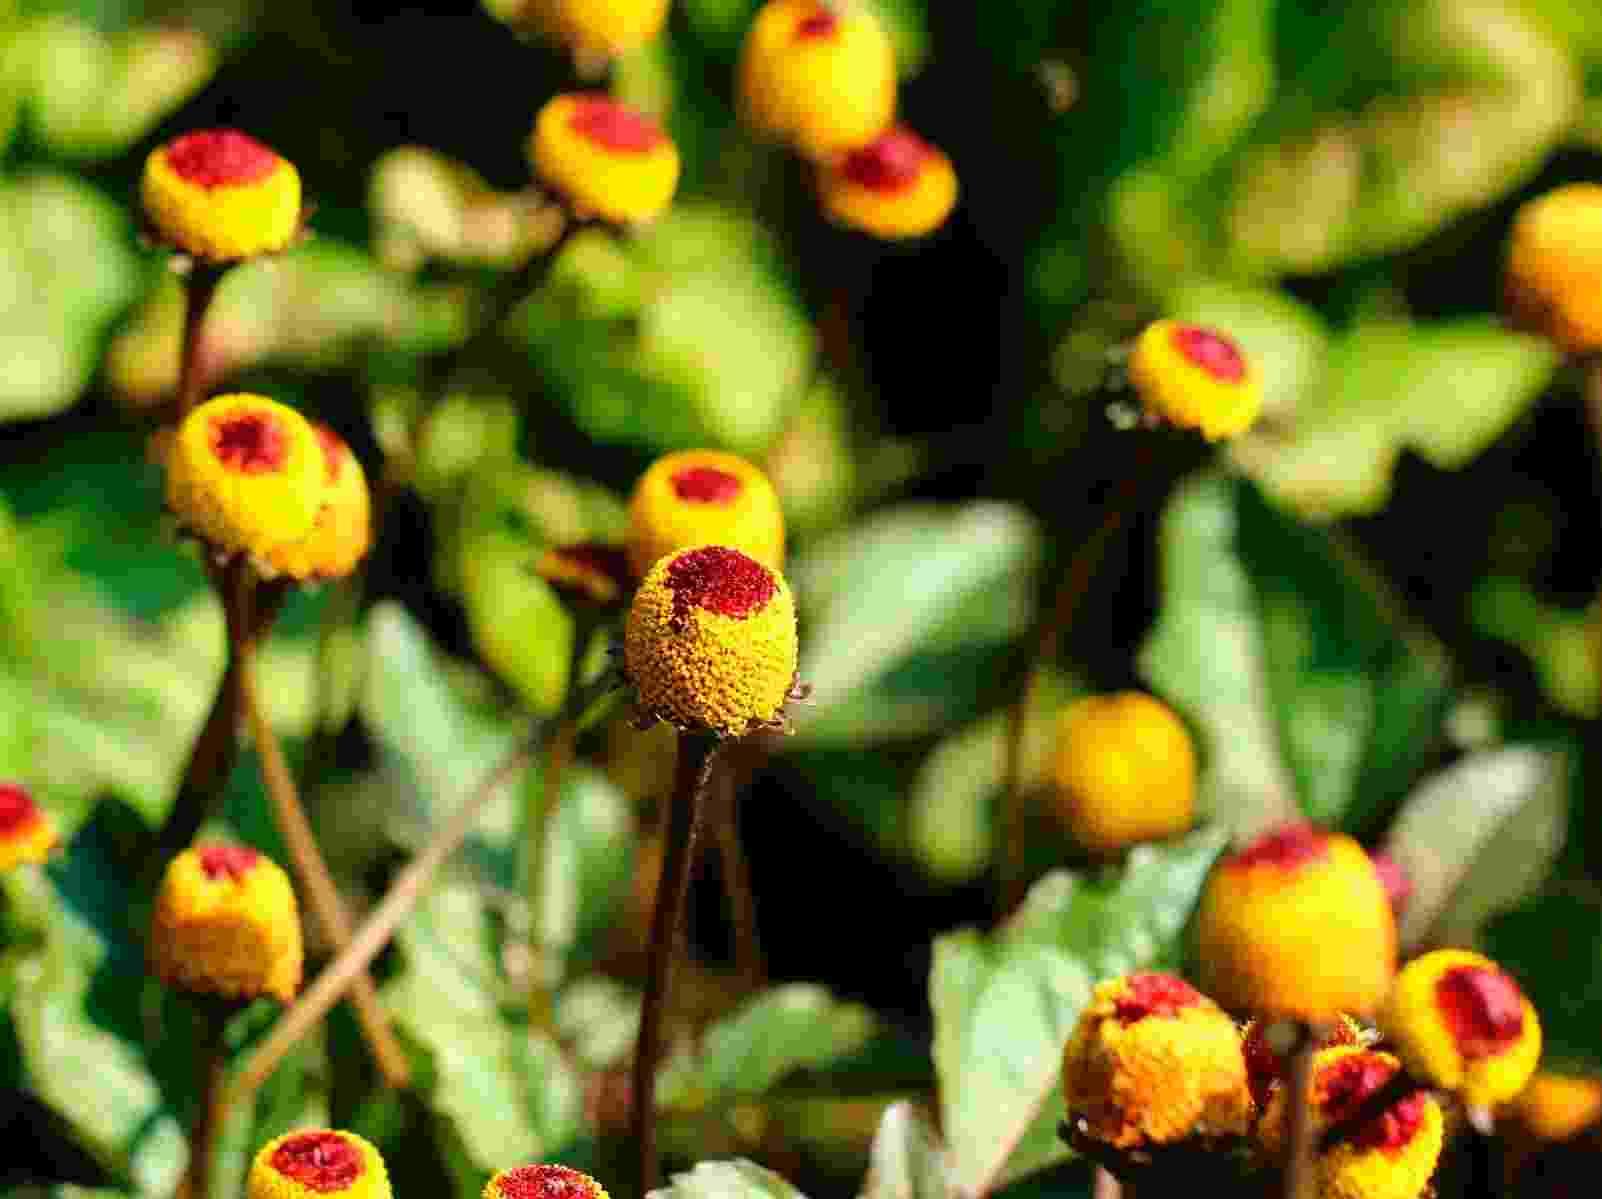 O jambu (Acmella oleracea) é uma hortaliça que pode ser consumida crua e em pratos cozidos, refogados ou assados. Também é usada como condimento e erva medicinal. Prefere clima quente e úmido, com temperaturas acima de 26°C, mas pode ser cultivada o ano todo em regiões de clima quente (também, em vasos de médio e grande porte), com iluminação solar direta ou sombra parcial com boa luminosidade. Gosta de solo fértil, bem drenado e com boa irrigação - Getty Images